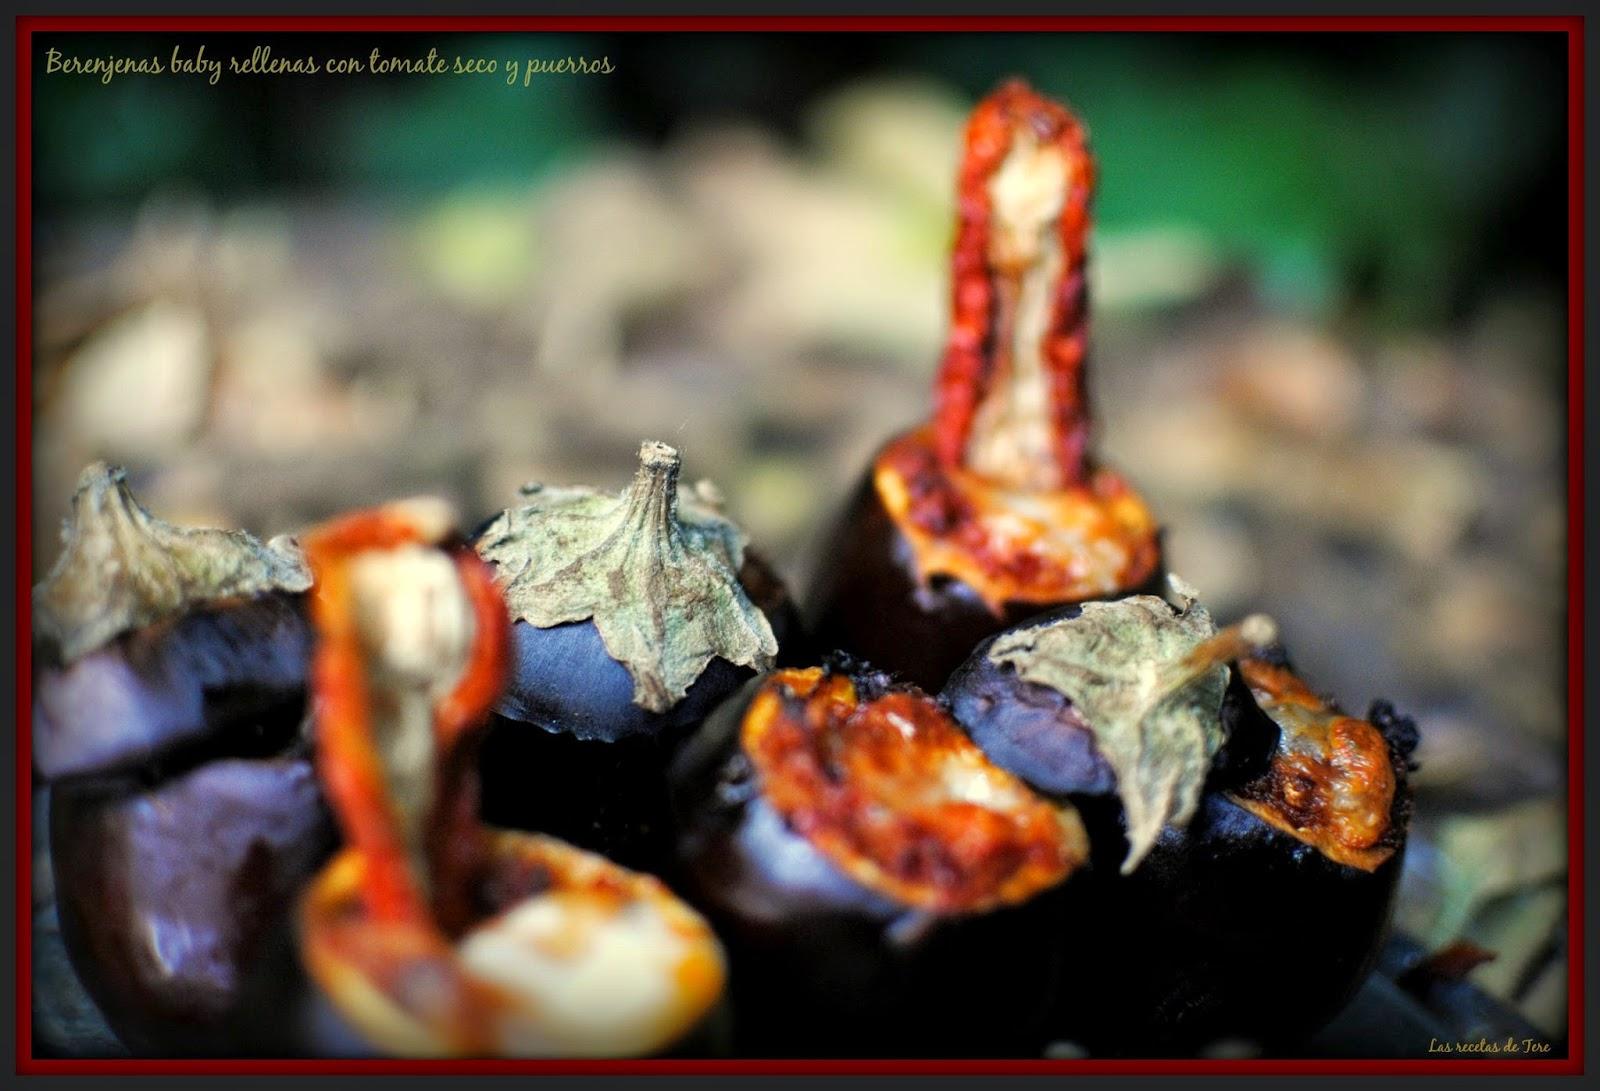 Berenjenas baby rellenas con tomate seco y puerros 01